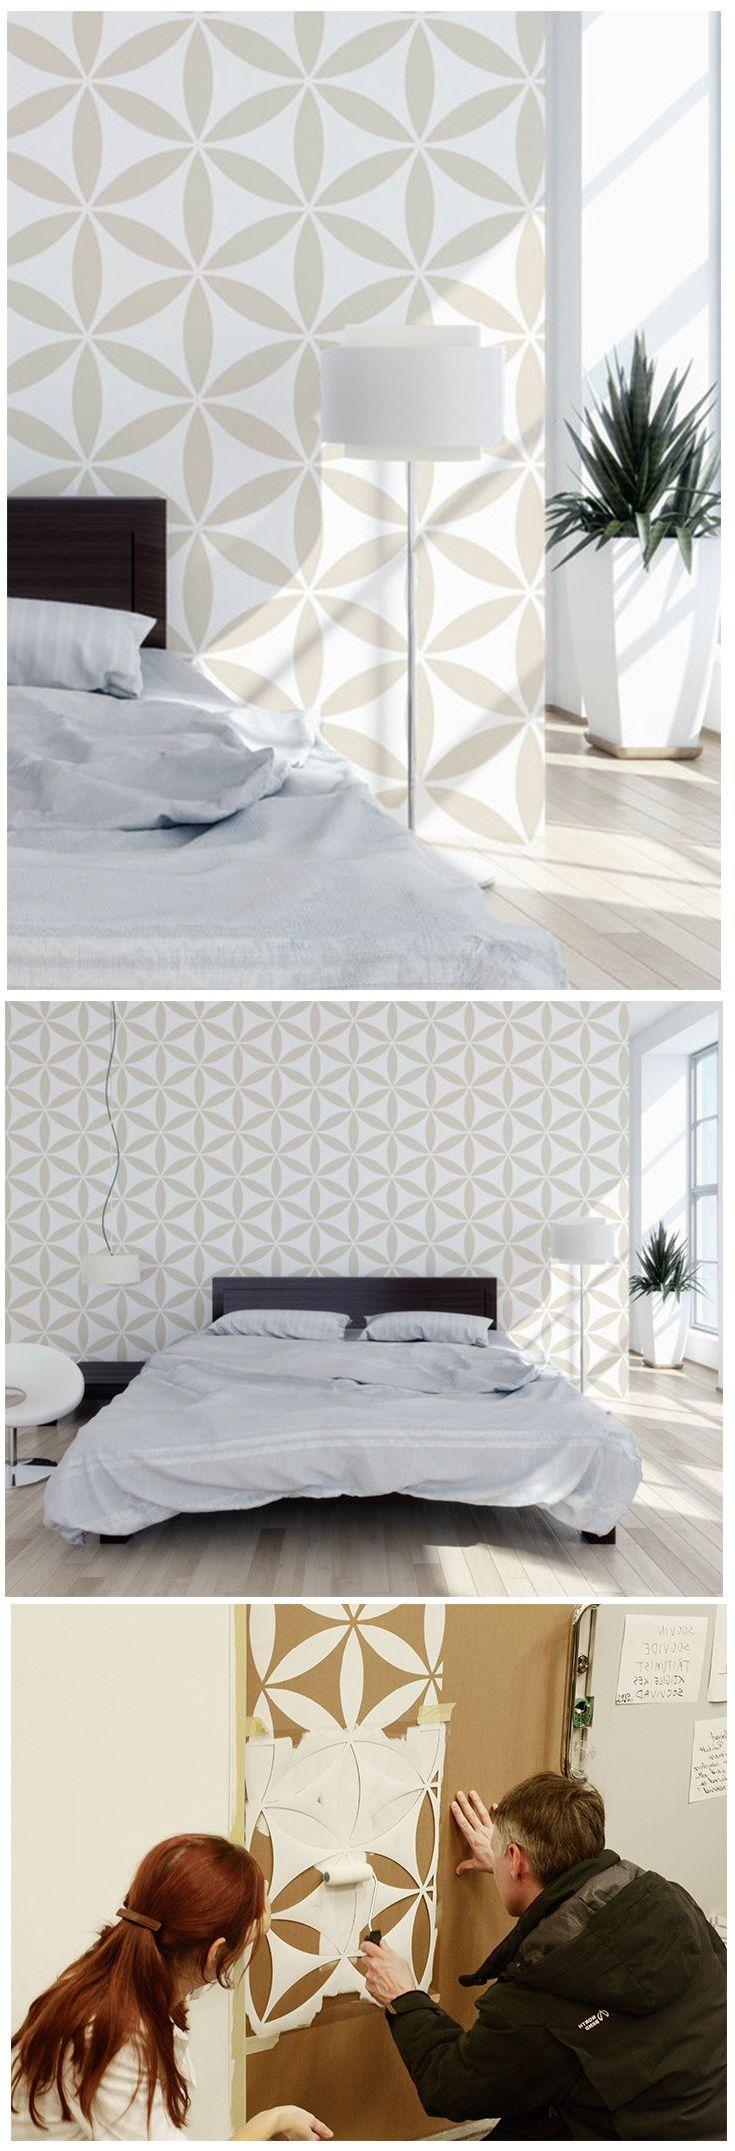 ber ideen zu wandgestaltung schlafzimmer auf